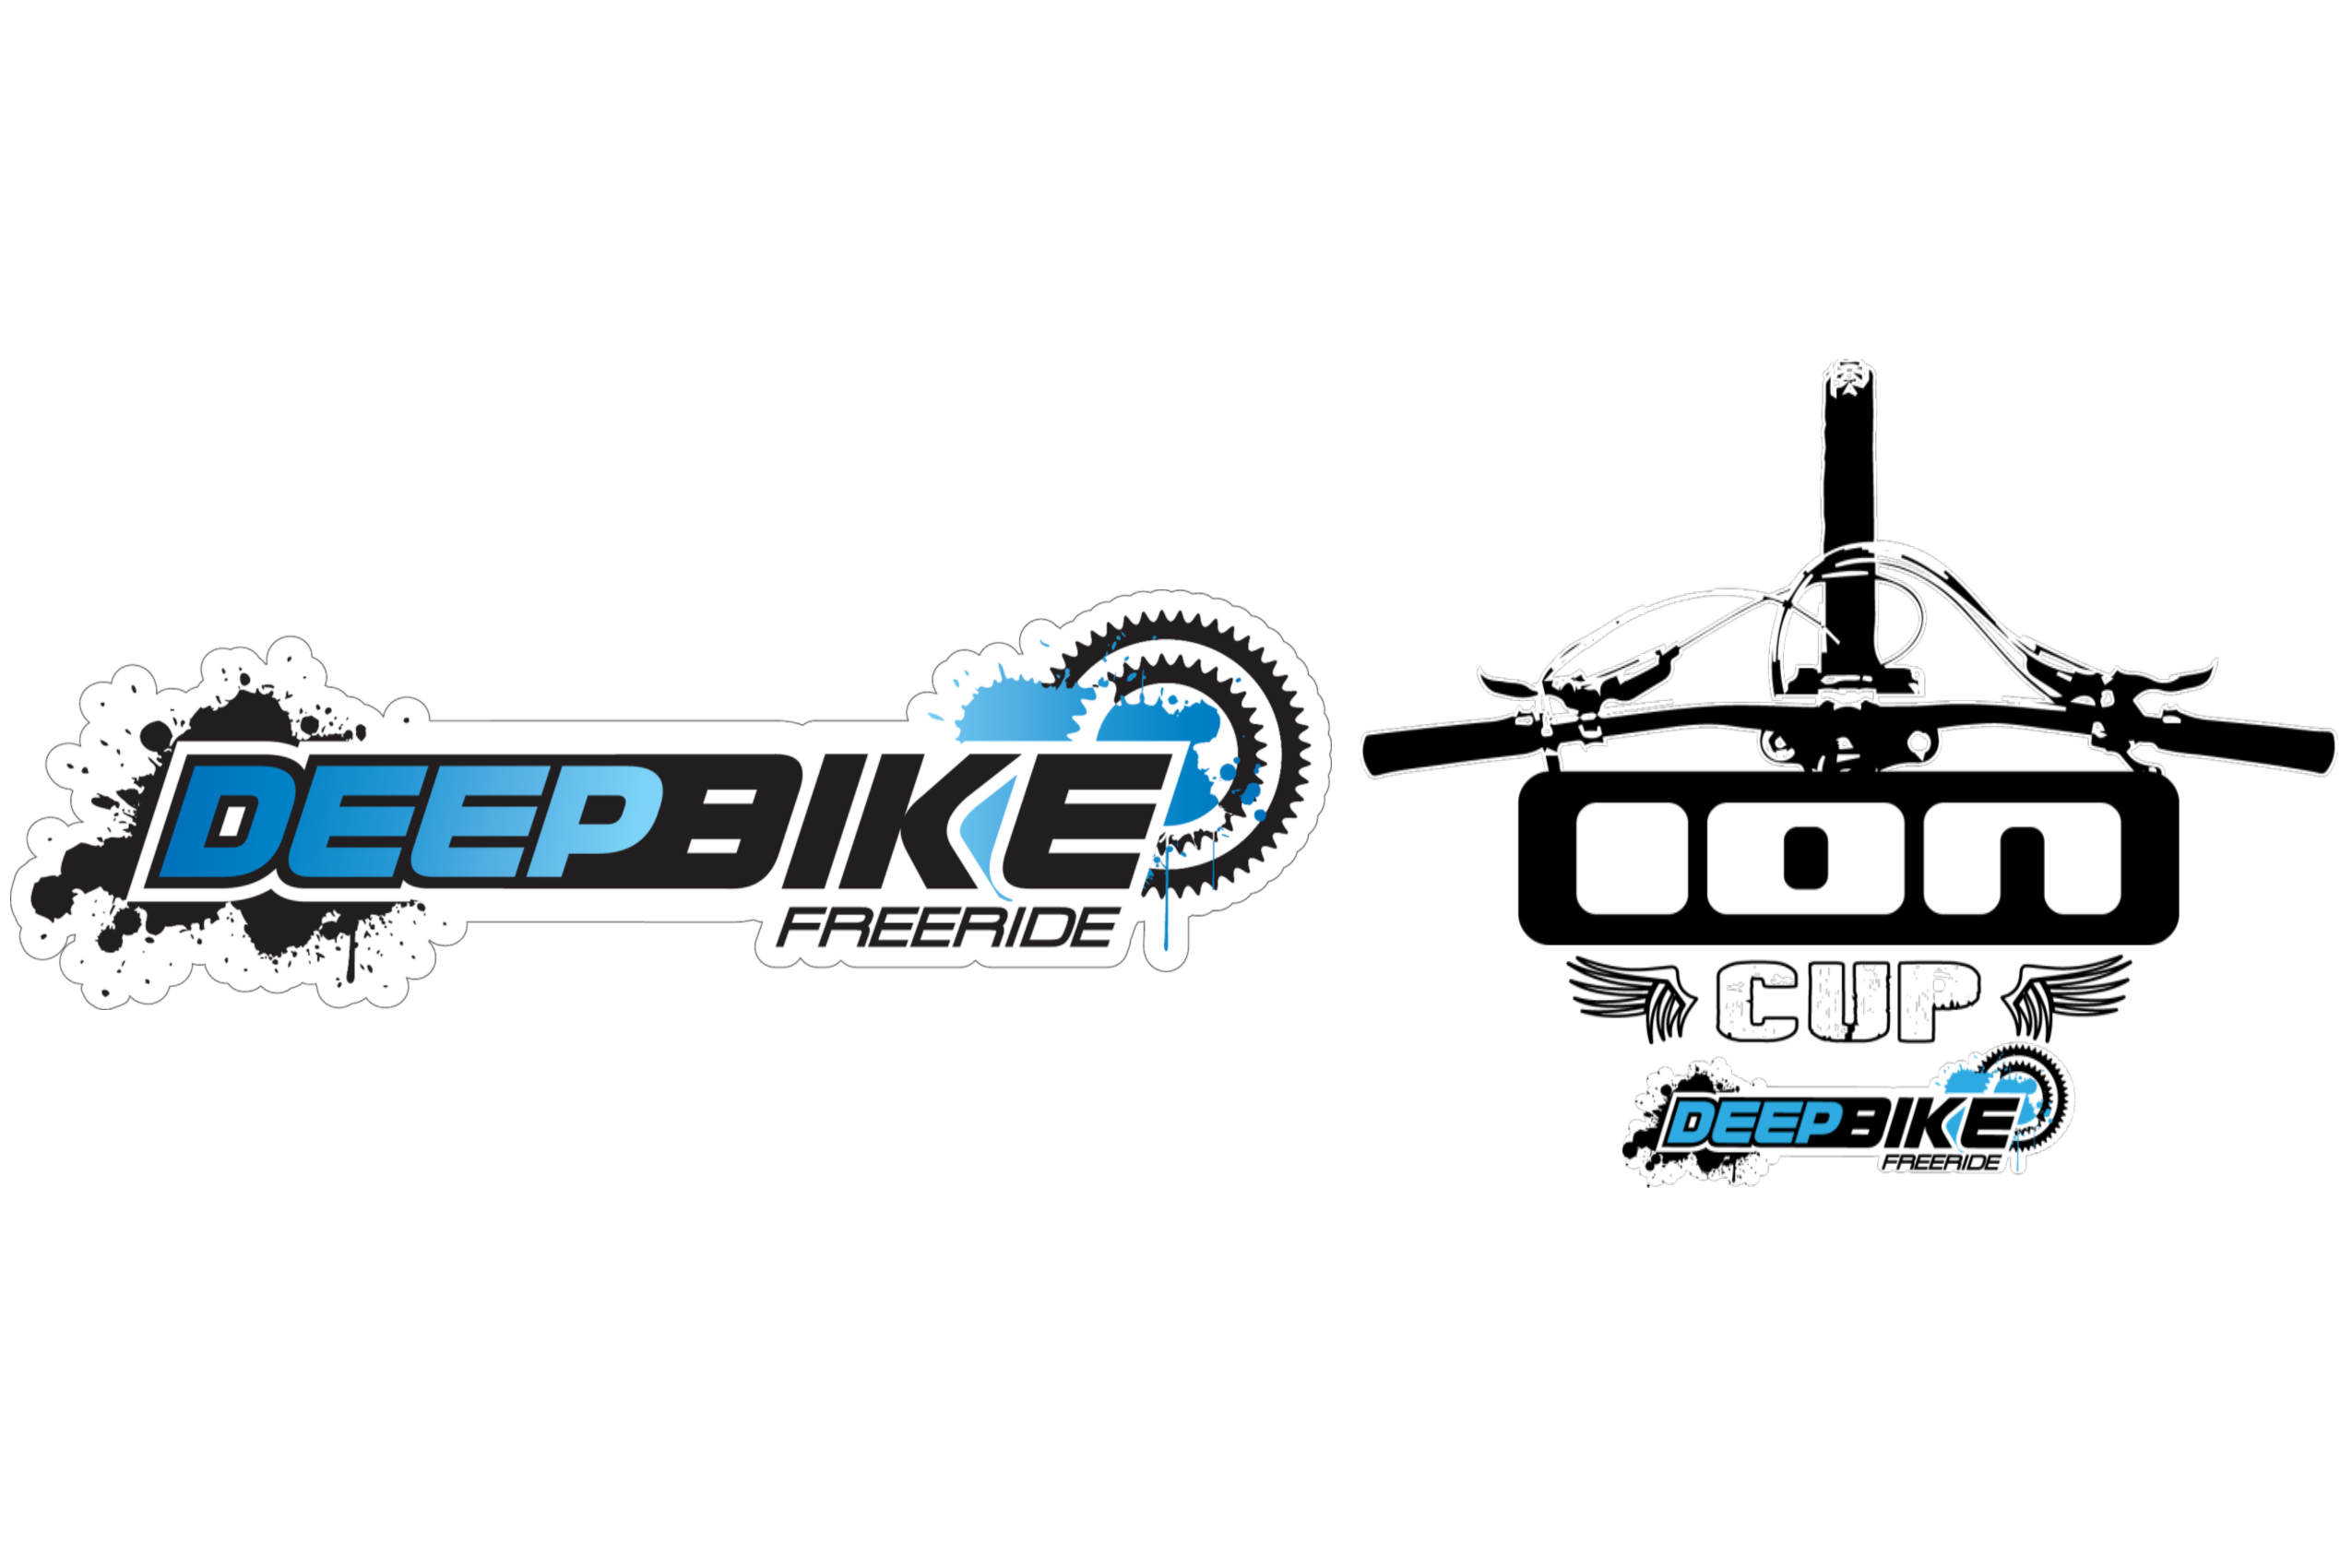 Deep Bike